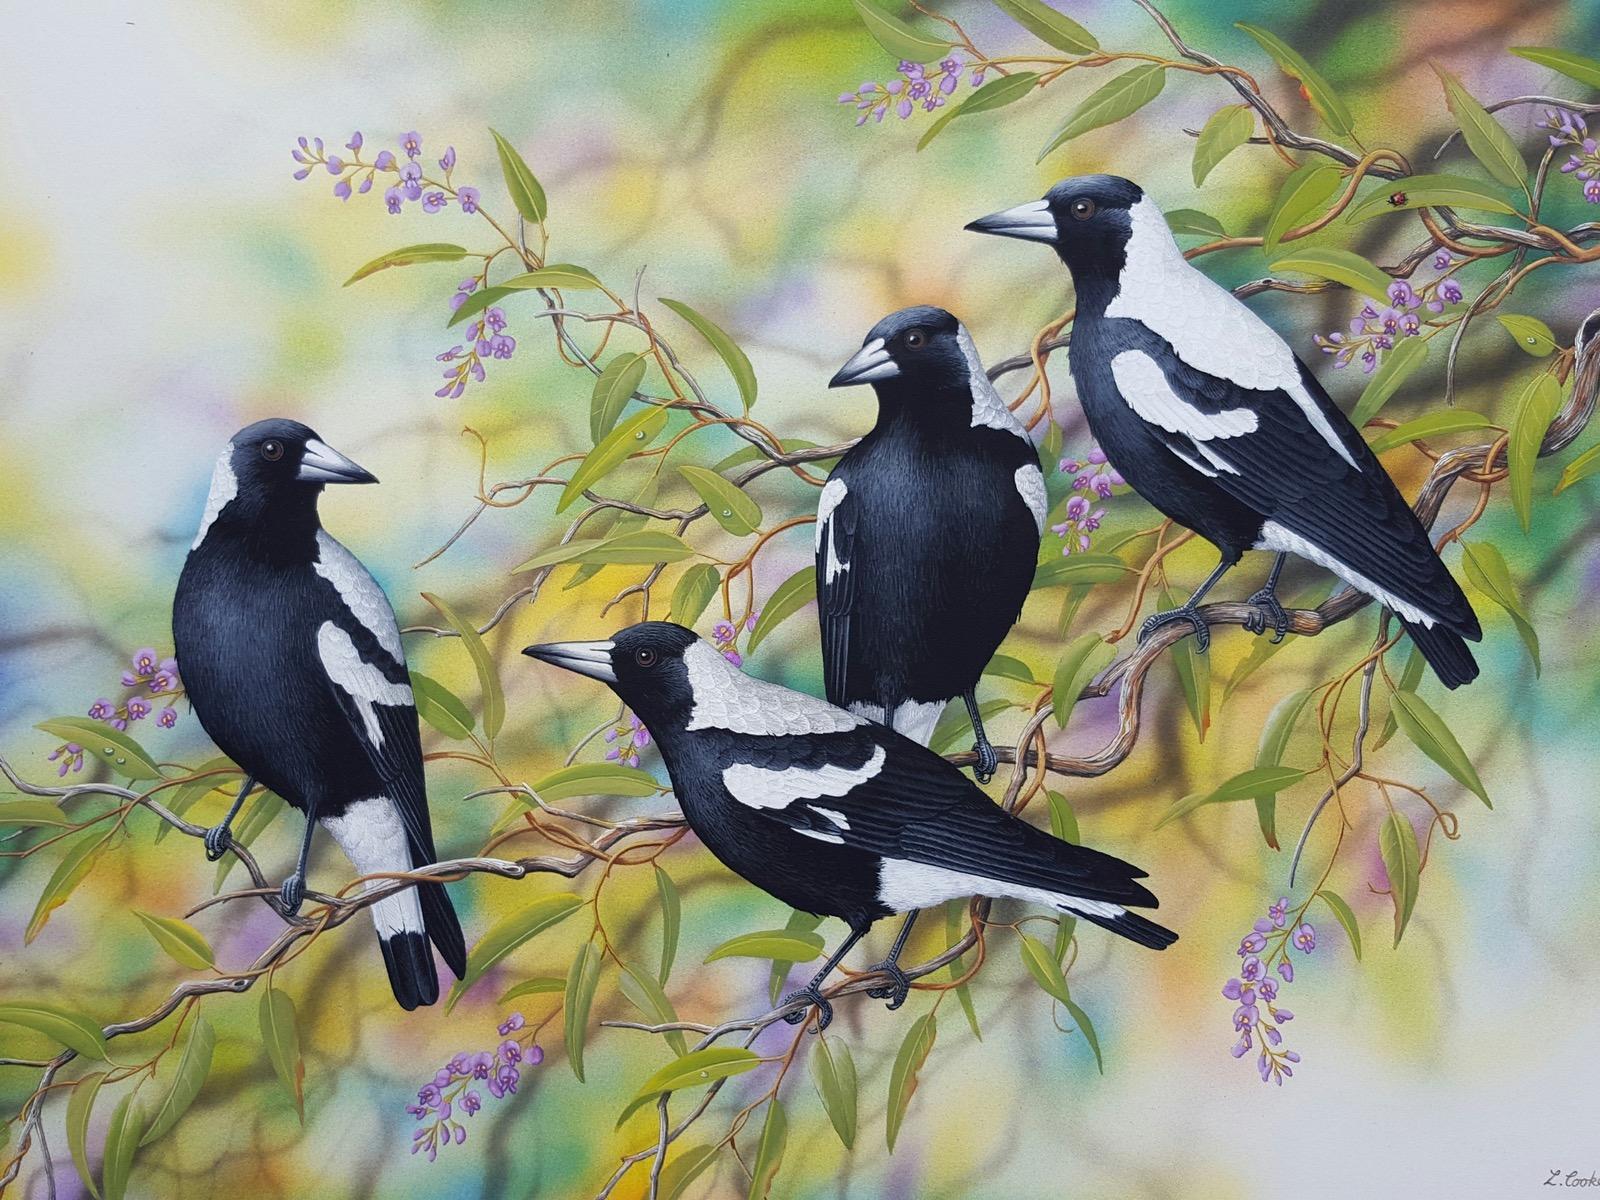 Artist: Lyn Cooke